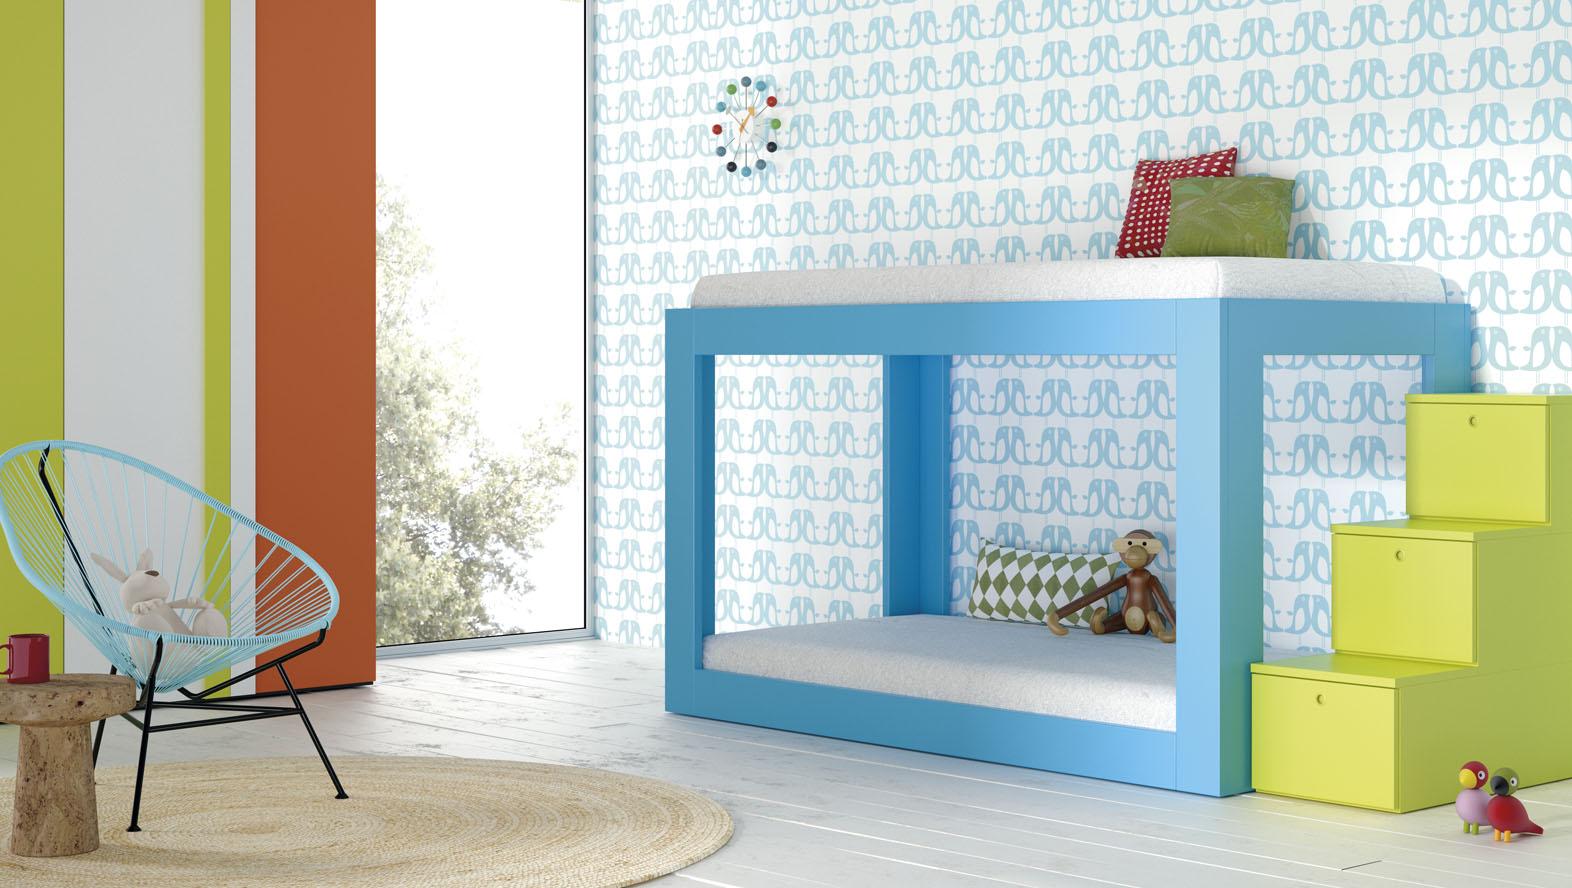 Tatat muebles a medida y m s expertos en mueble juvenil - Dormitorios con literas para ninos ...